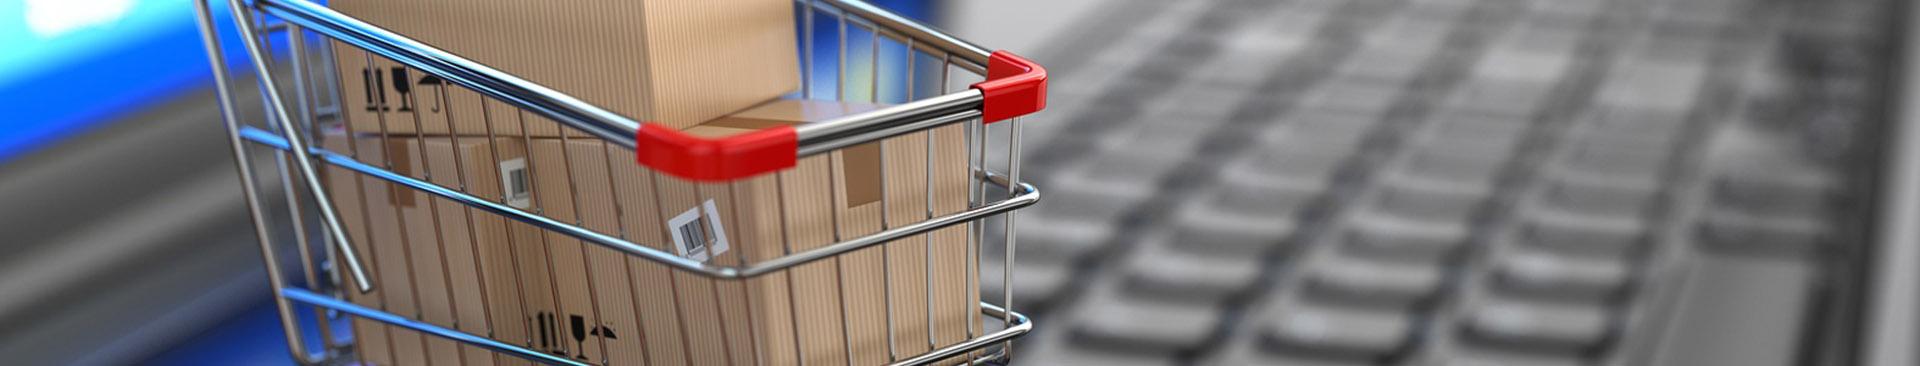 تصميم موقع تجارة الكترونية - انشاء منصة بيع المنتجات اونلاين